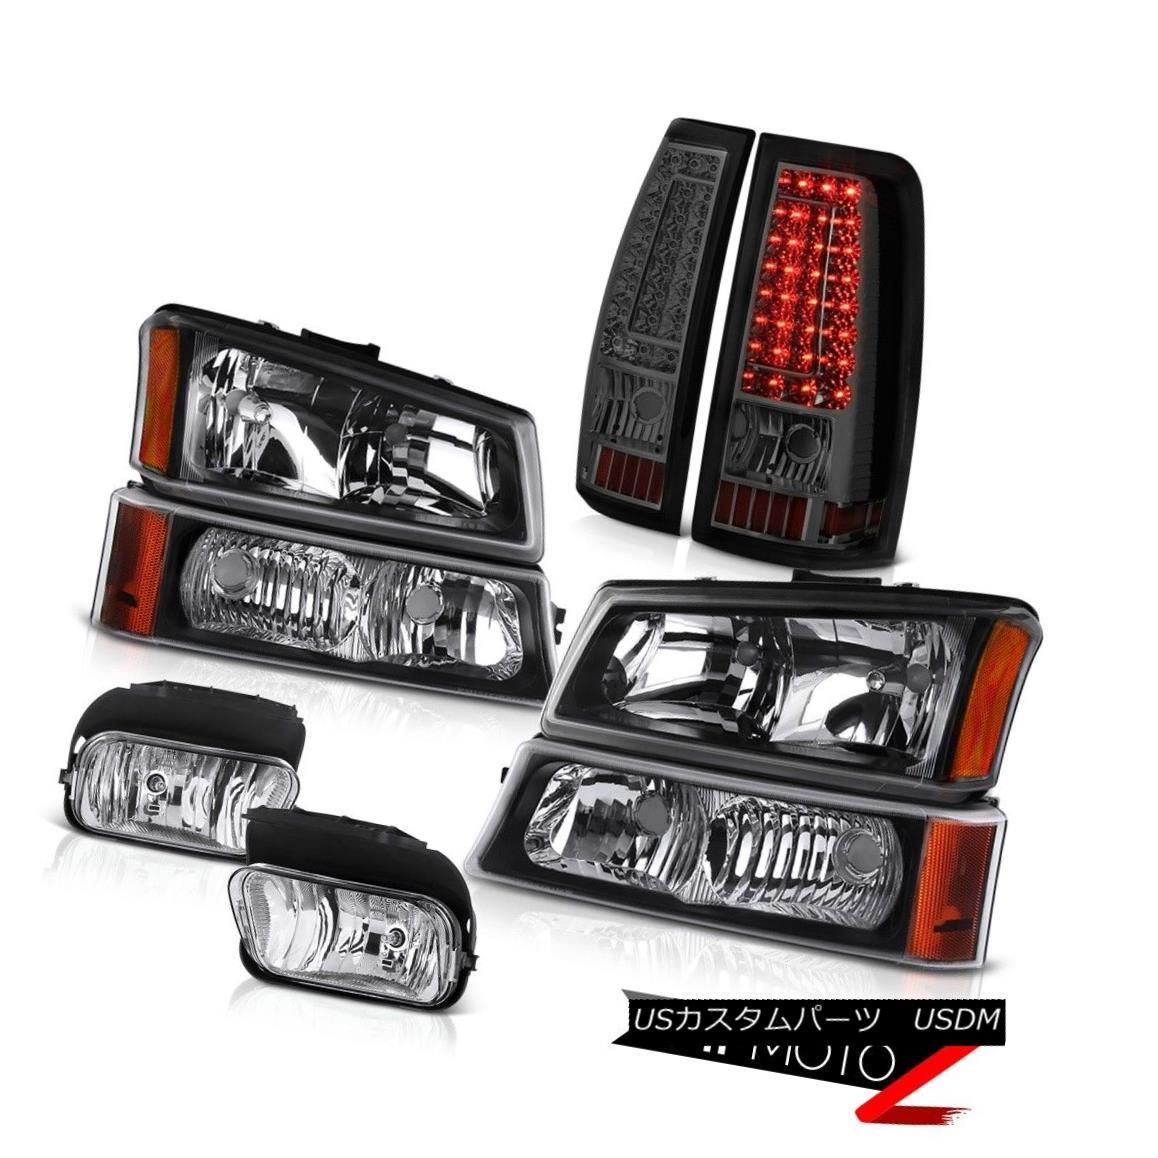 ヘッドライト 03 04 05 06 Silverado 1500 Chrome Fog Lights Taillights Bumper Lamp Headlights 03 04 05 06 Silverado 1500クロームフォグライトテールライトバンパーランプヘッドライト